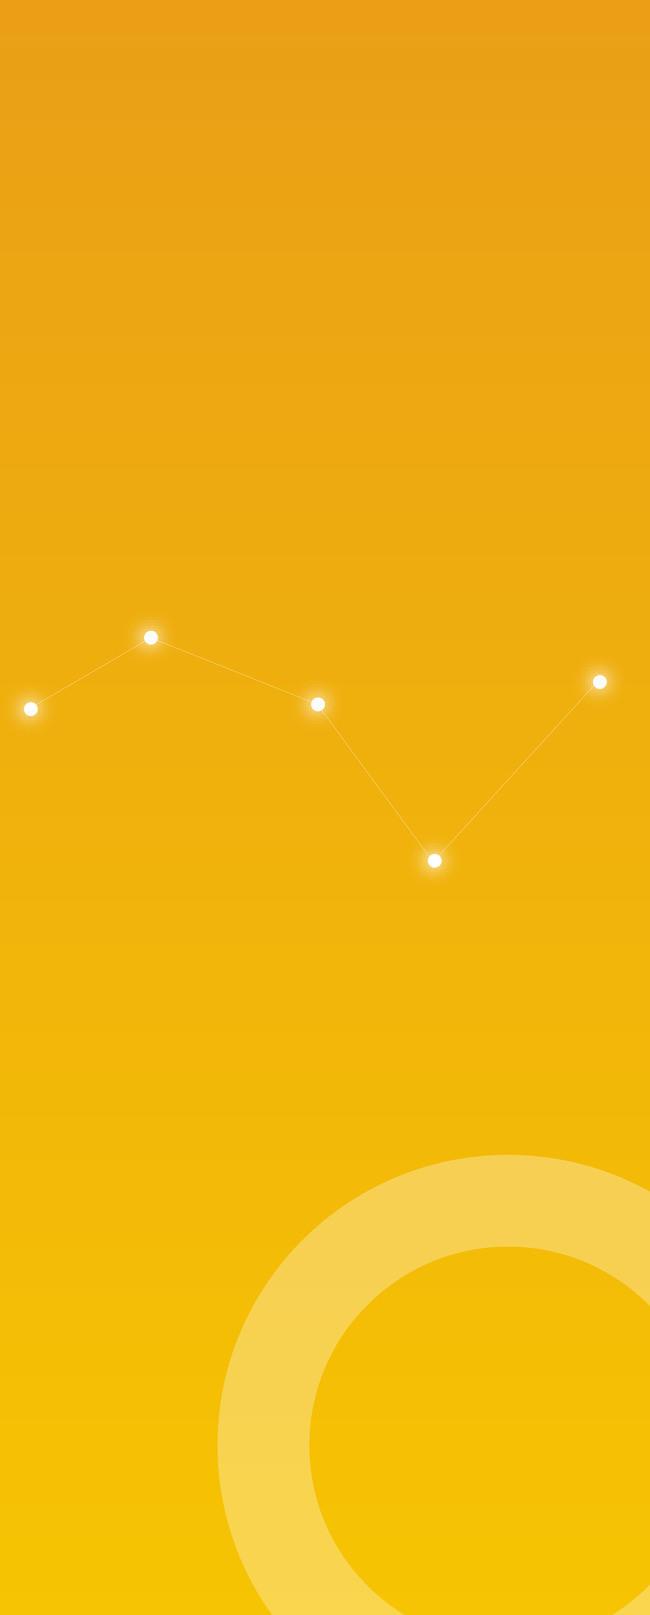 بالصور خلفية صفراء , اجمل الصور و الخلفيات باللون الاصفر 3454 8